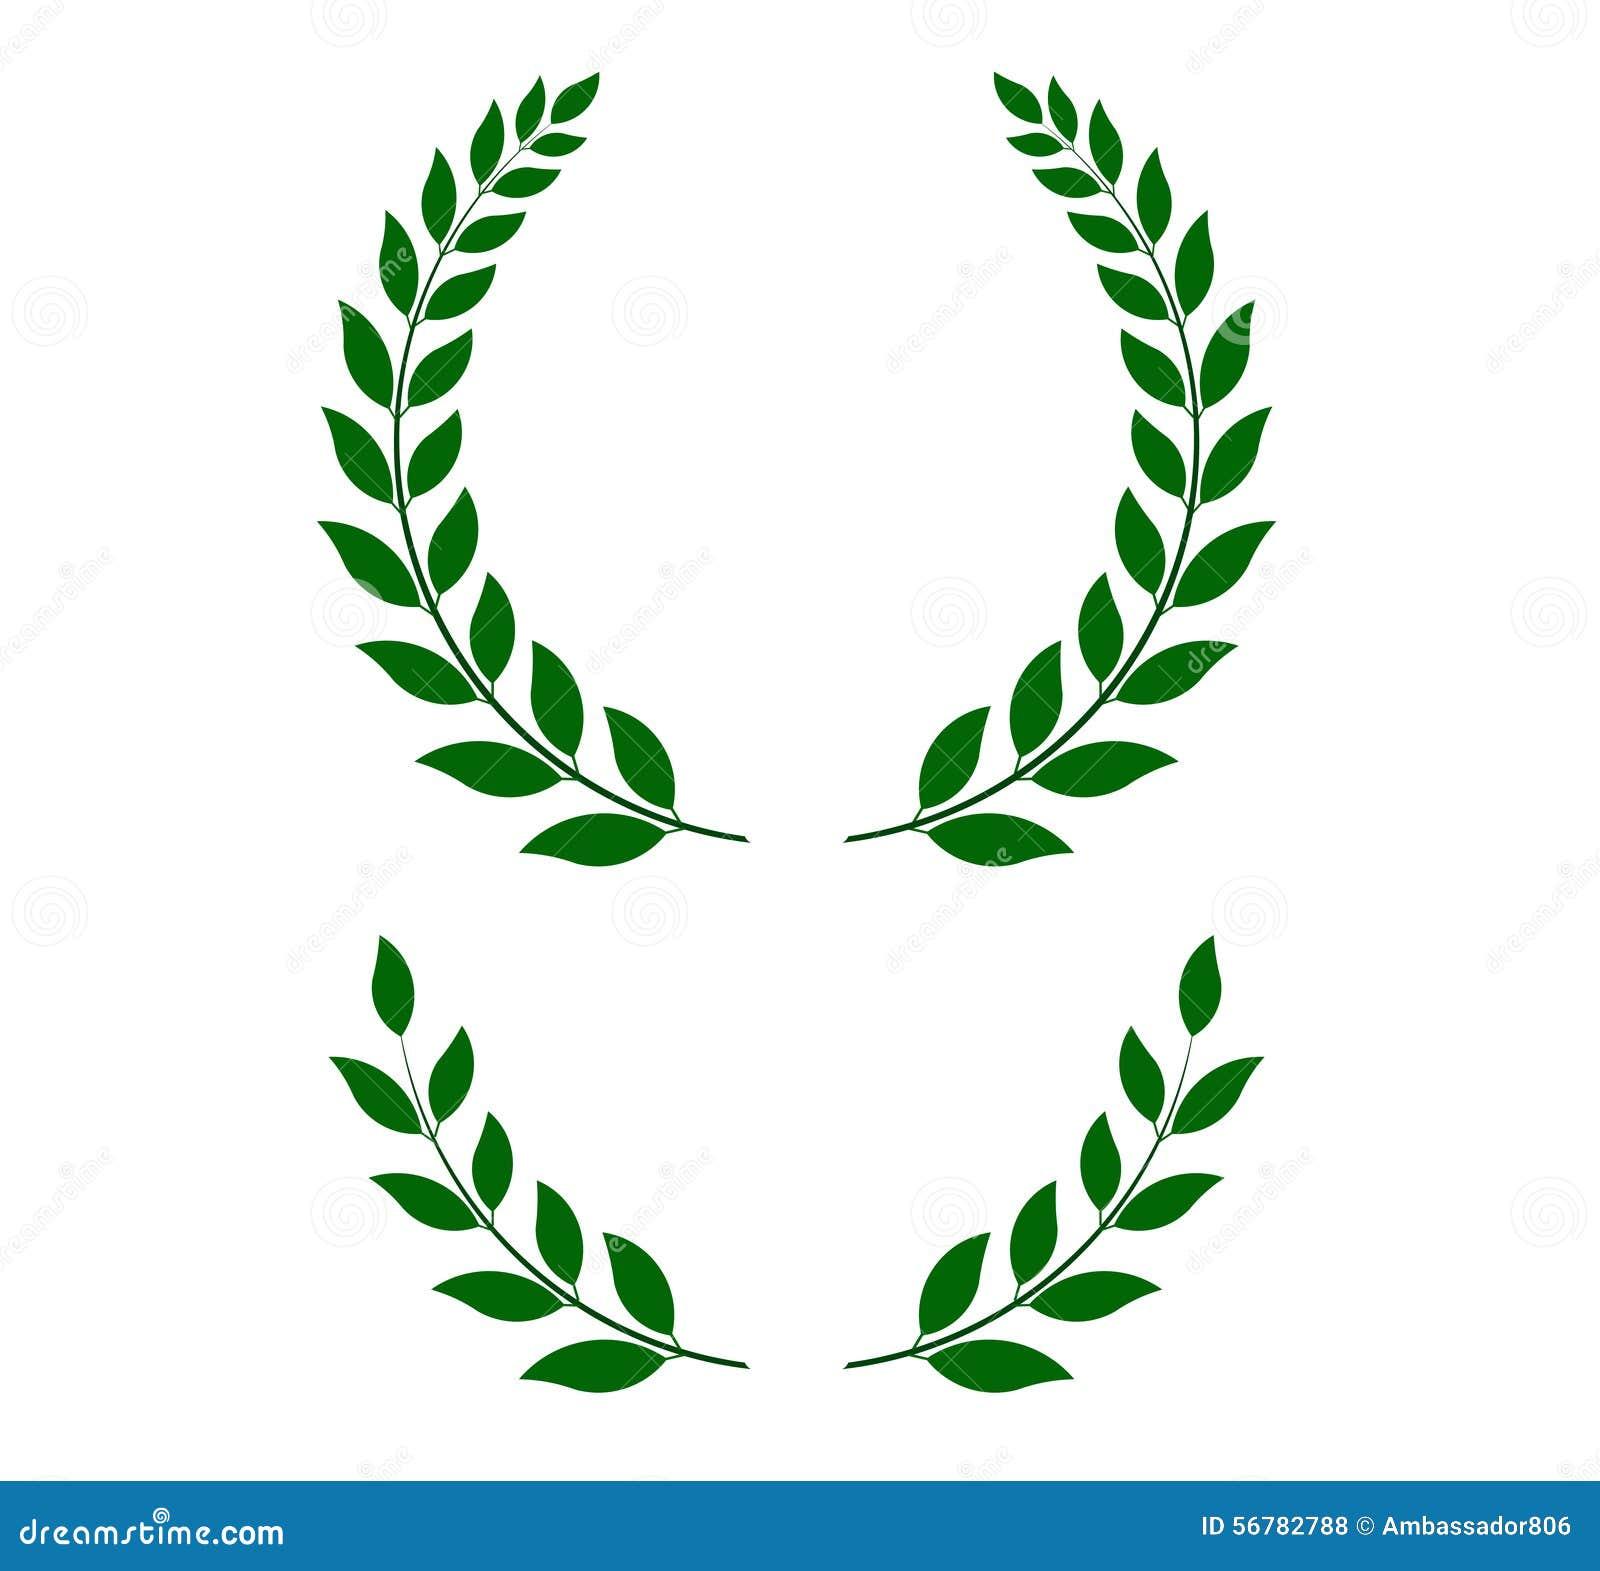 Stock Illustration Green Laurel Wreaths Vector Illustration Round Half Main Emblem Bottom Format Fully Editable You Can Change Form Image56782788 on Black Vine Border